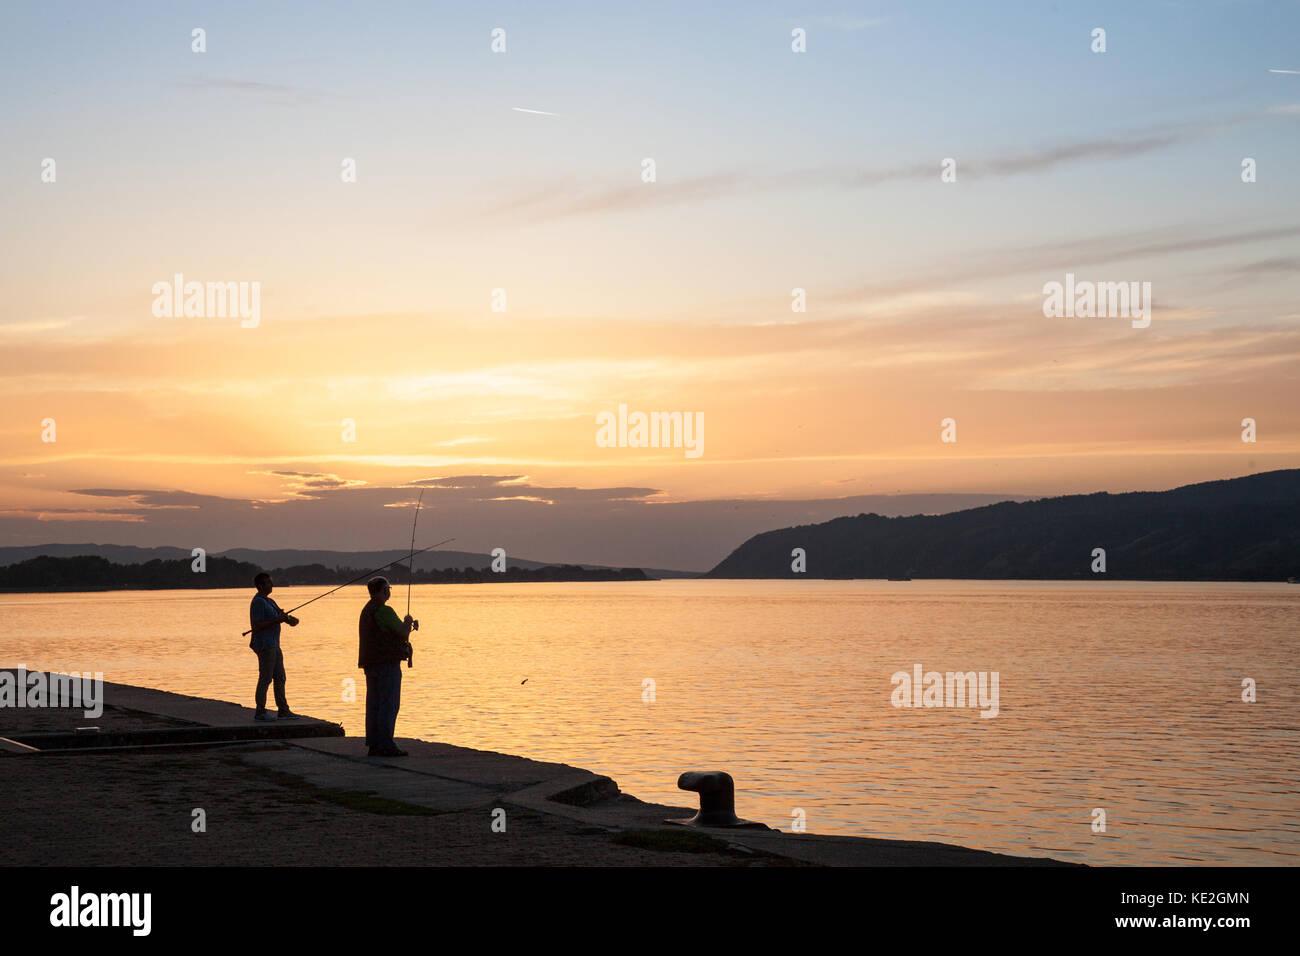 Veliko gradiste, Serbie - septembre 16, 2017: la pêche des pêcheurs sur le quai de veliko gradiste Photo Stock